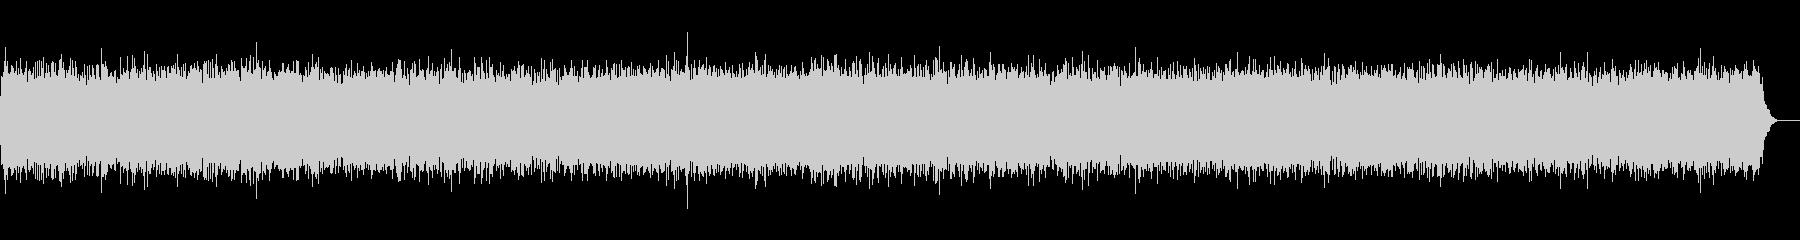 【ザー】無線やラジオのノイズ音の未再生の波形